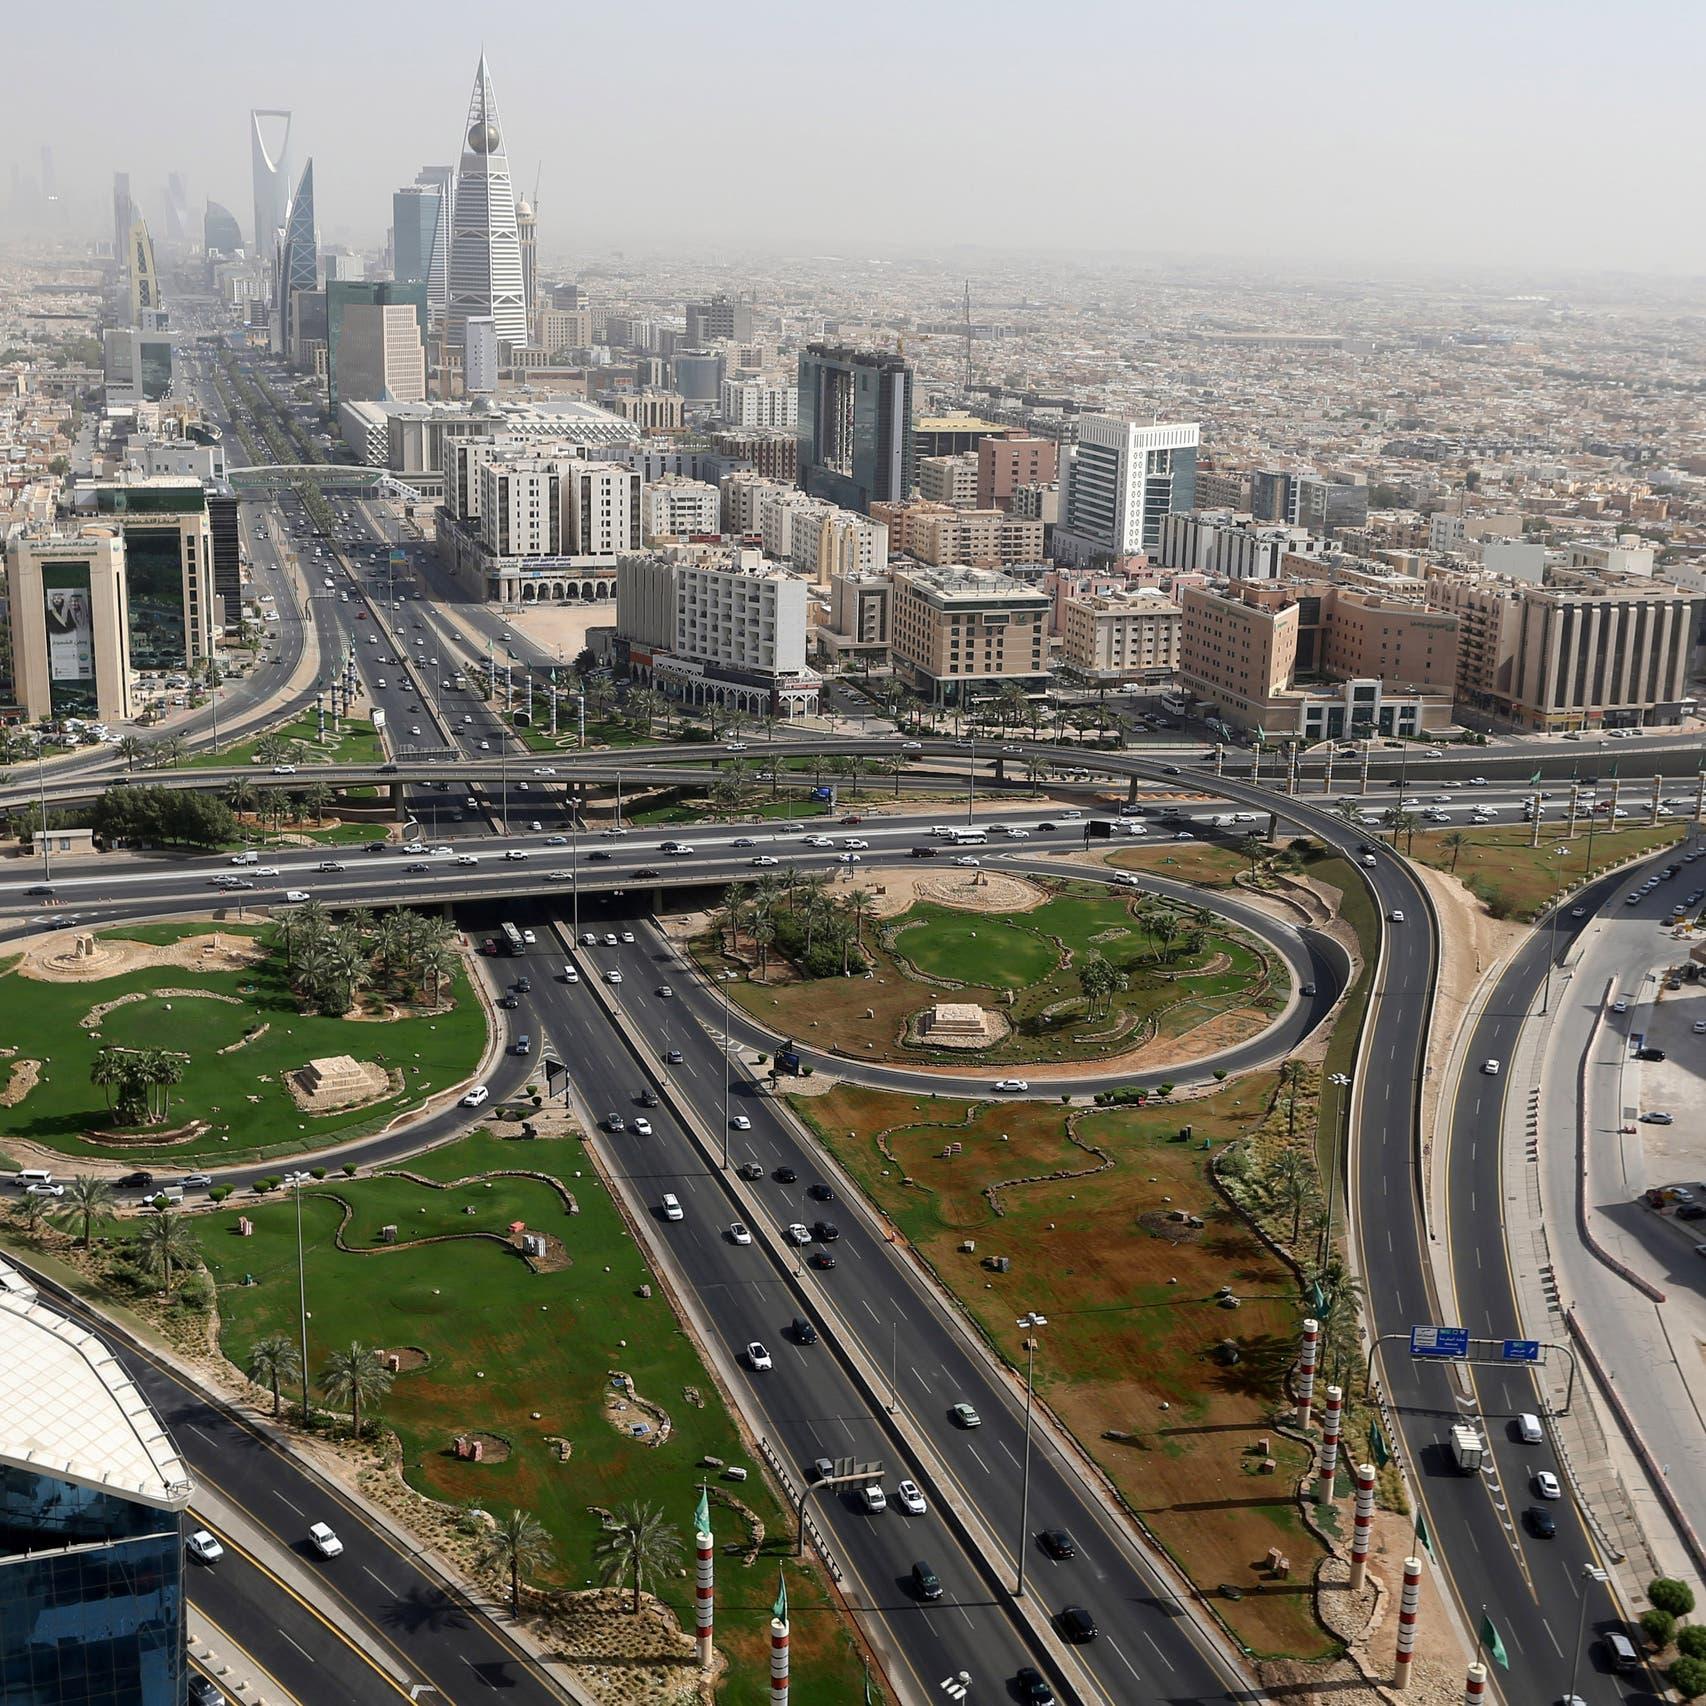 حكم قضائي بـ2.2 مليار ريال لصالح عقارات الدولة بالسعودية